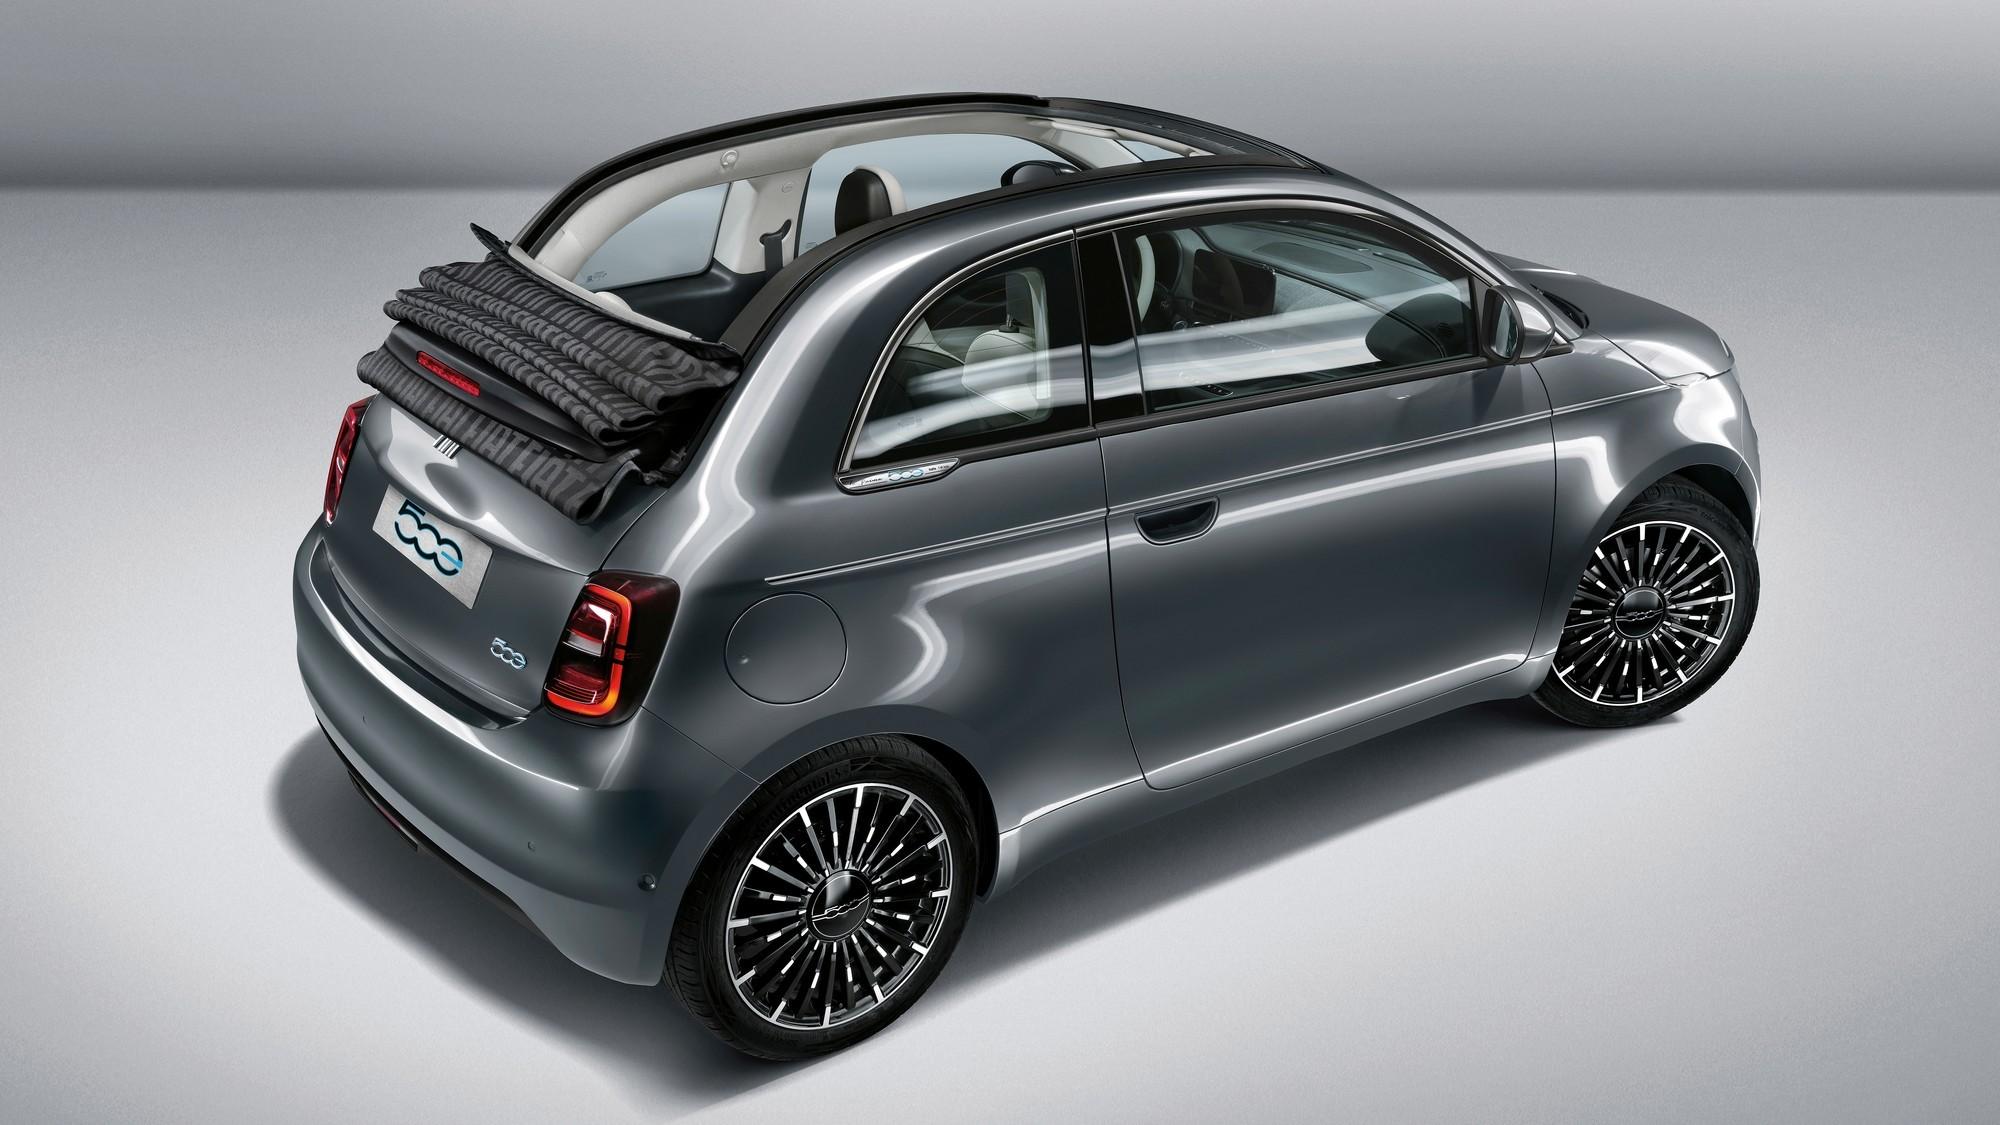 Практичная асимметрия: новый Fiat 500 получит дополнительную боковую дверь